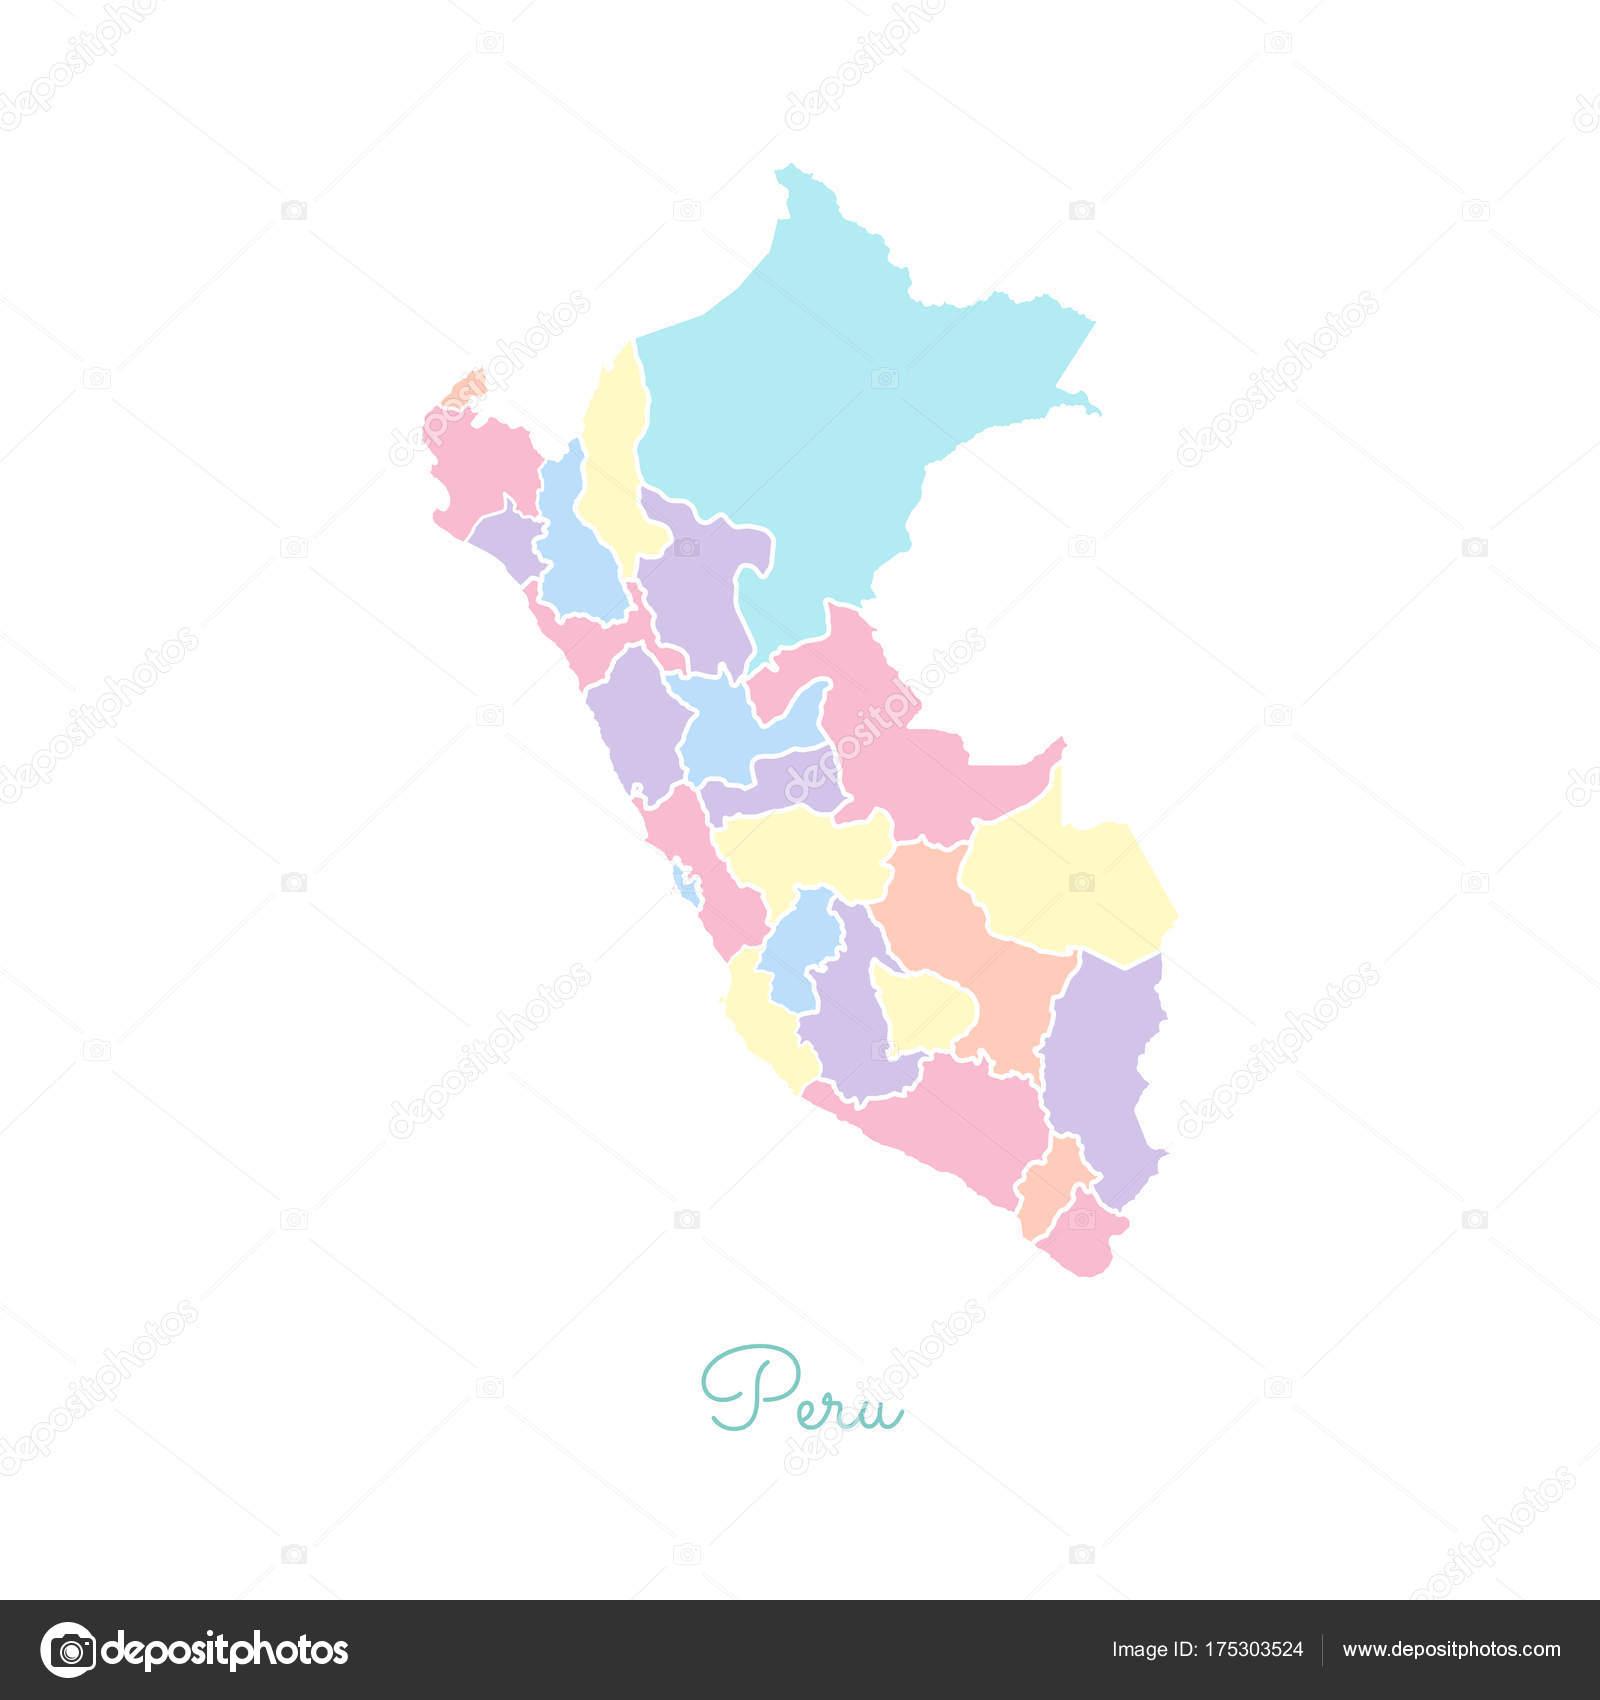 Peru Karte Umriss.Peru Region Karte Bunt Mit Weissen Umriss Detaillierte Karte